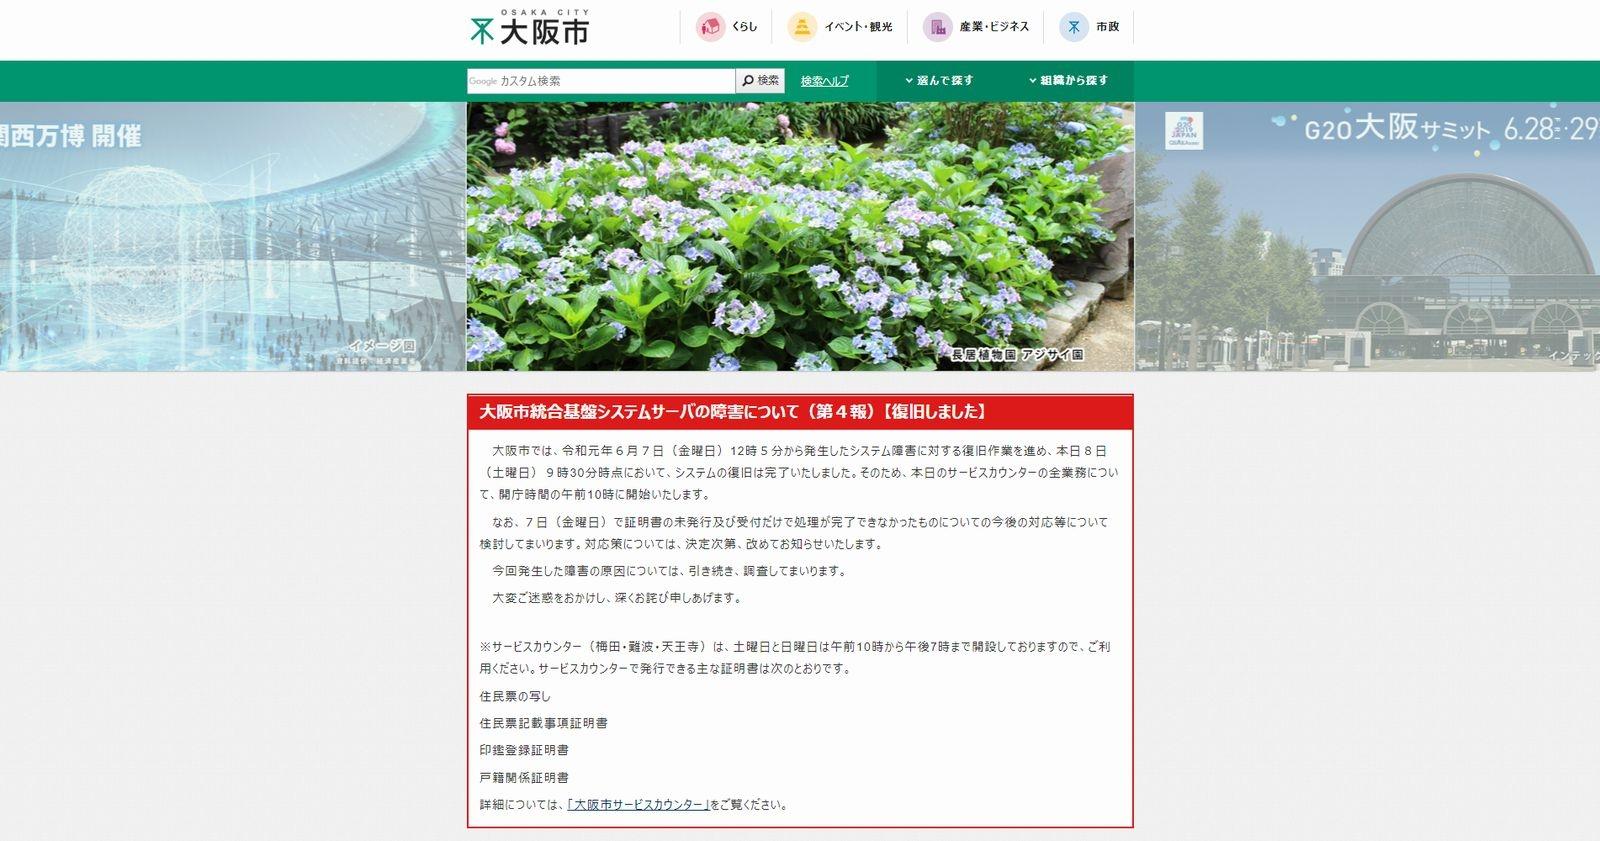 システム障害の復旧をトップページで告知する大阪市のWebサイト (出所:大阪市)